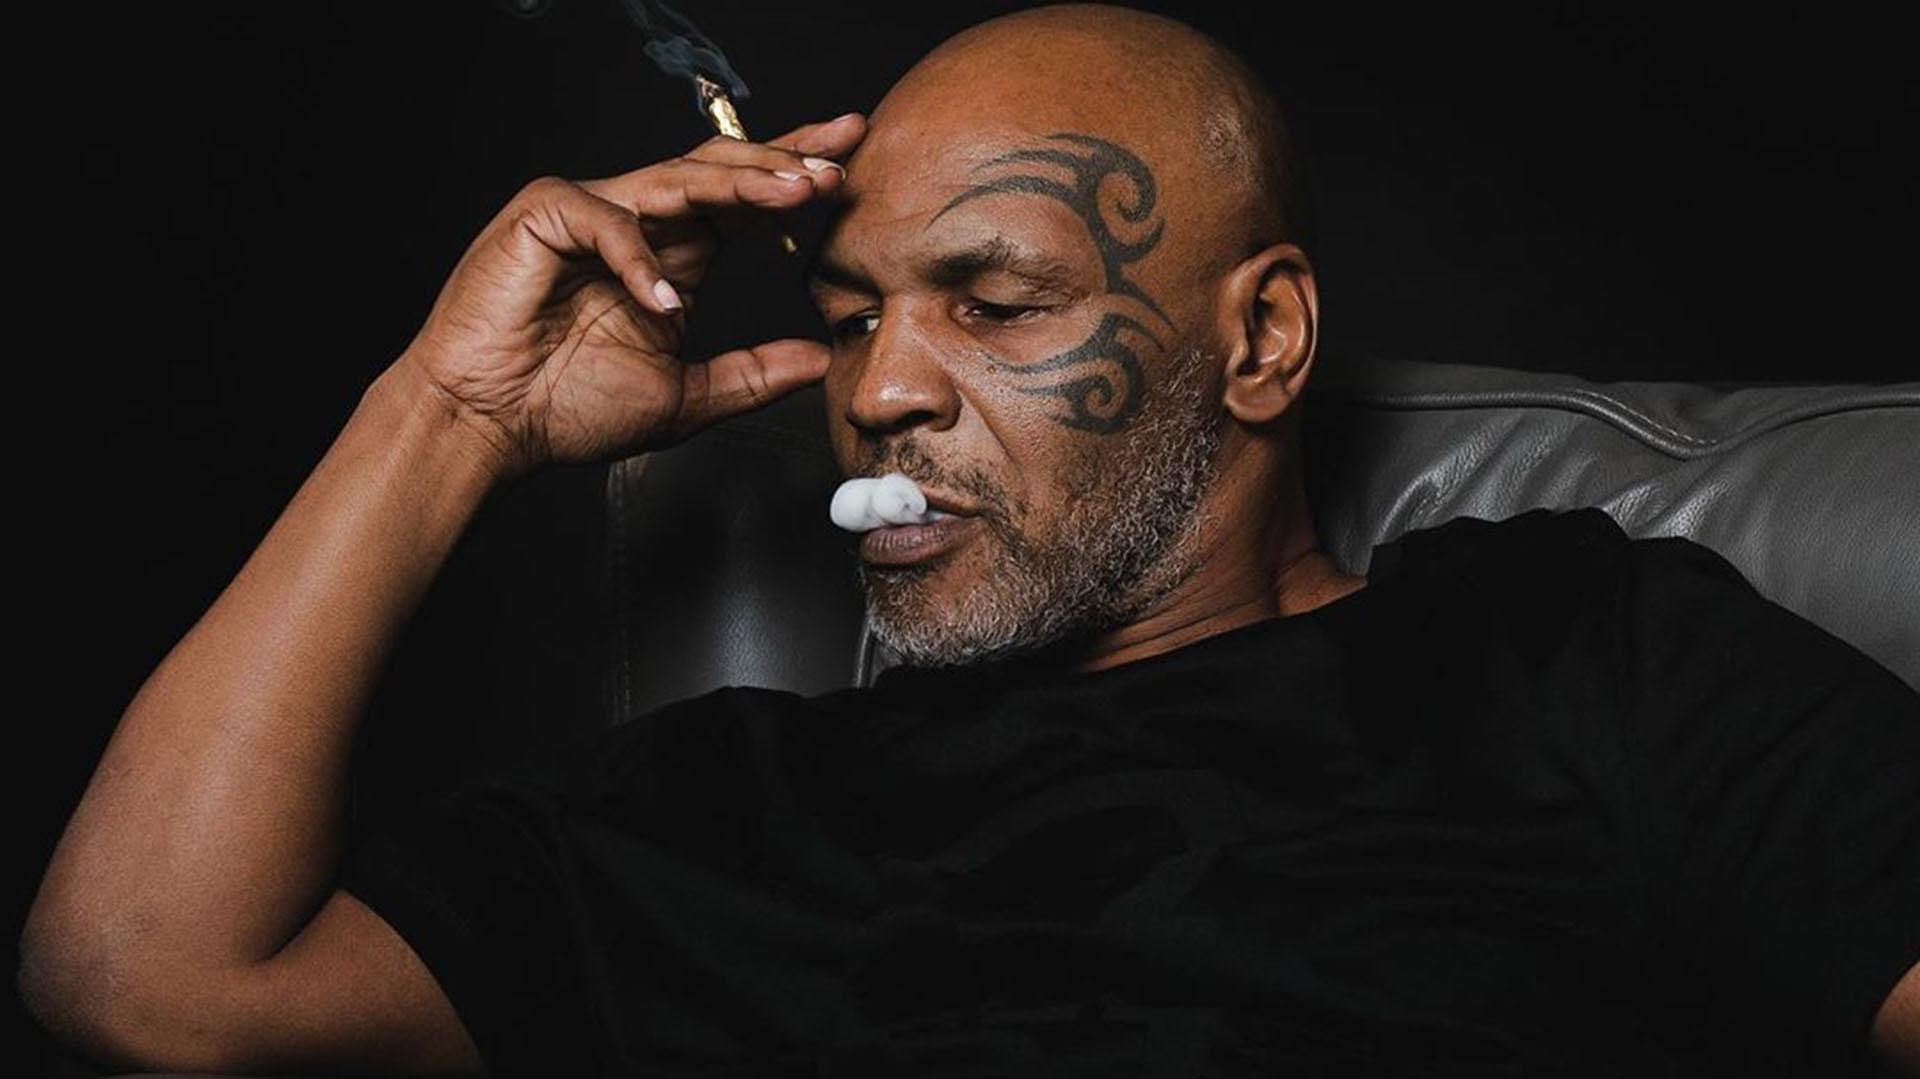 Mike Tyson sorprendió al revelar cuánto dinero gasta en marihuana ...